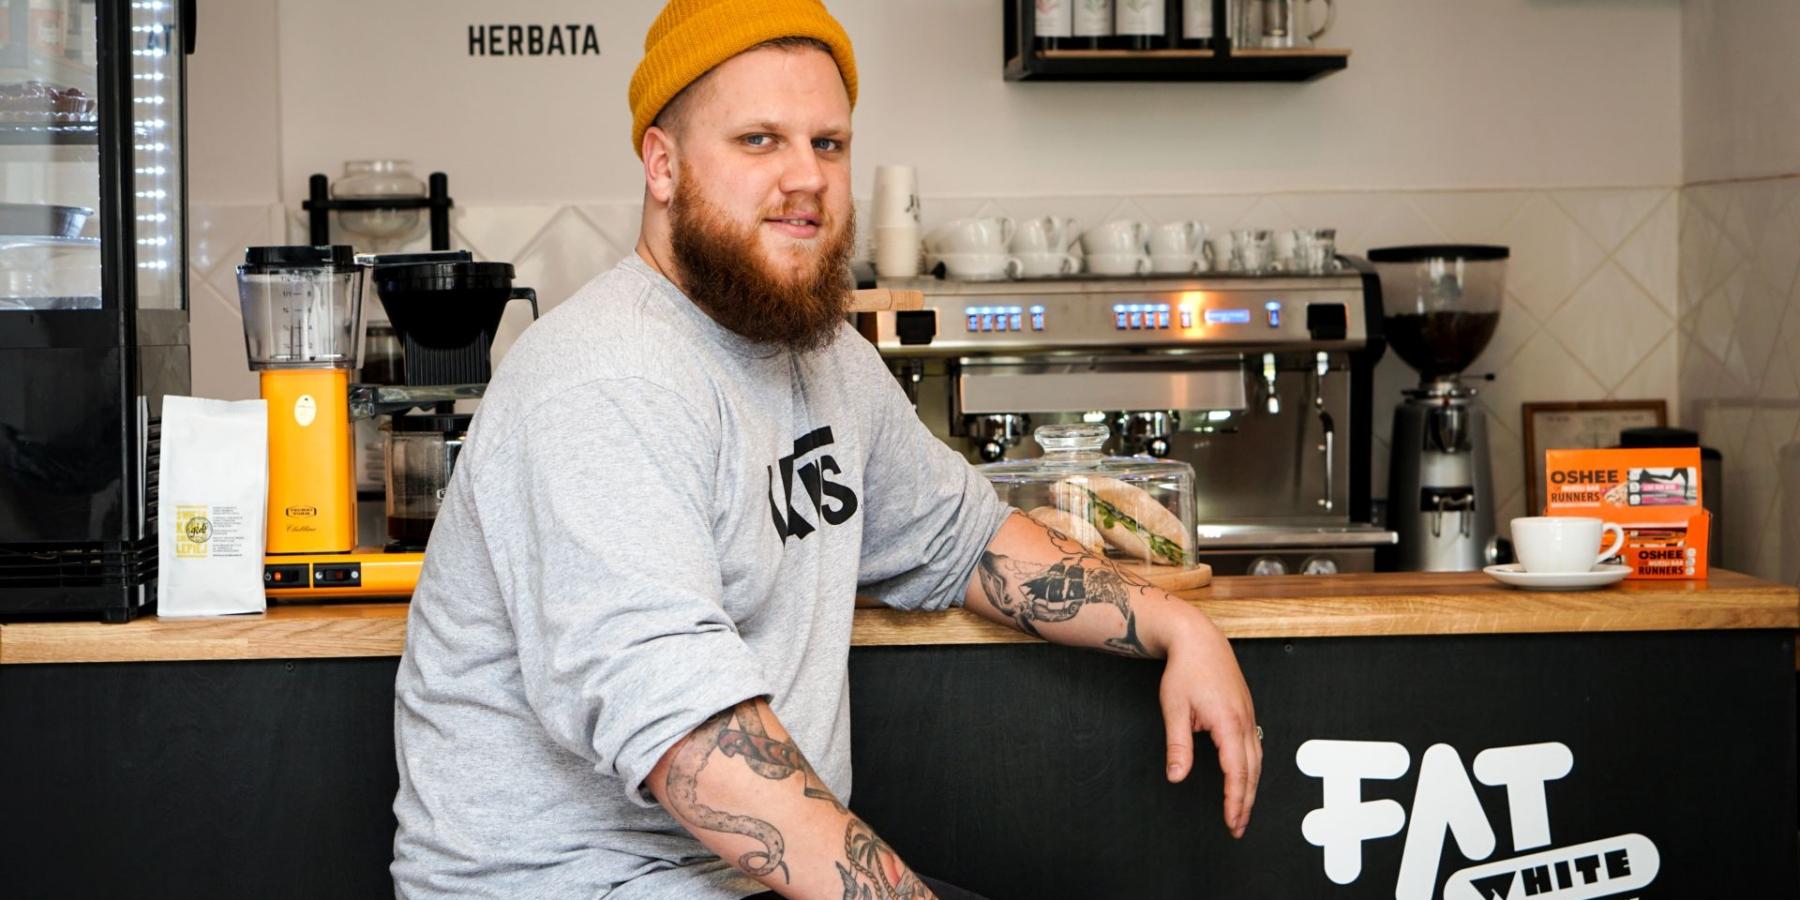 Ma 26 lat, kawiarnię ifoodtrucka. Filip Głodek: Nieszukaj wymówek, zacznij działać!